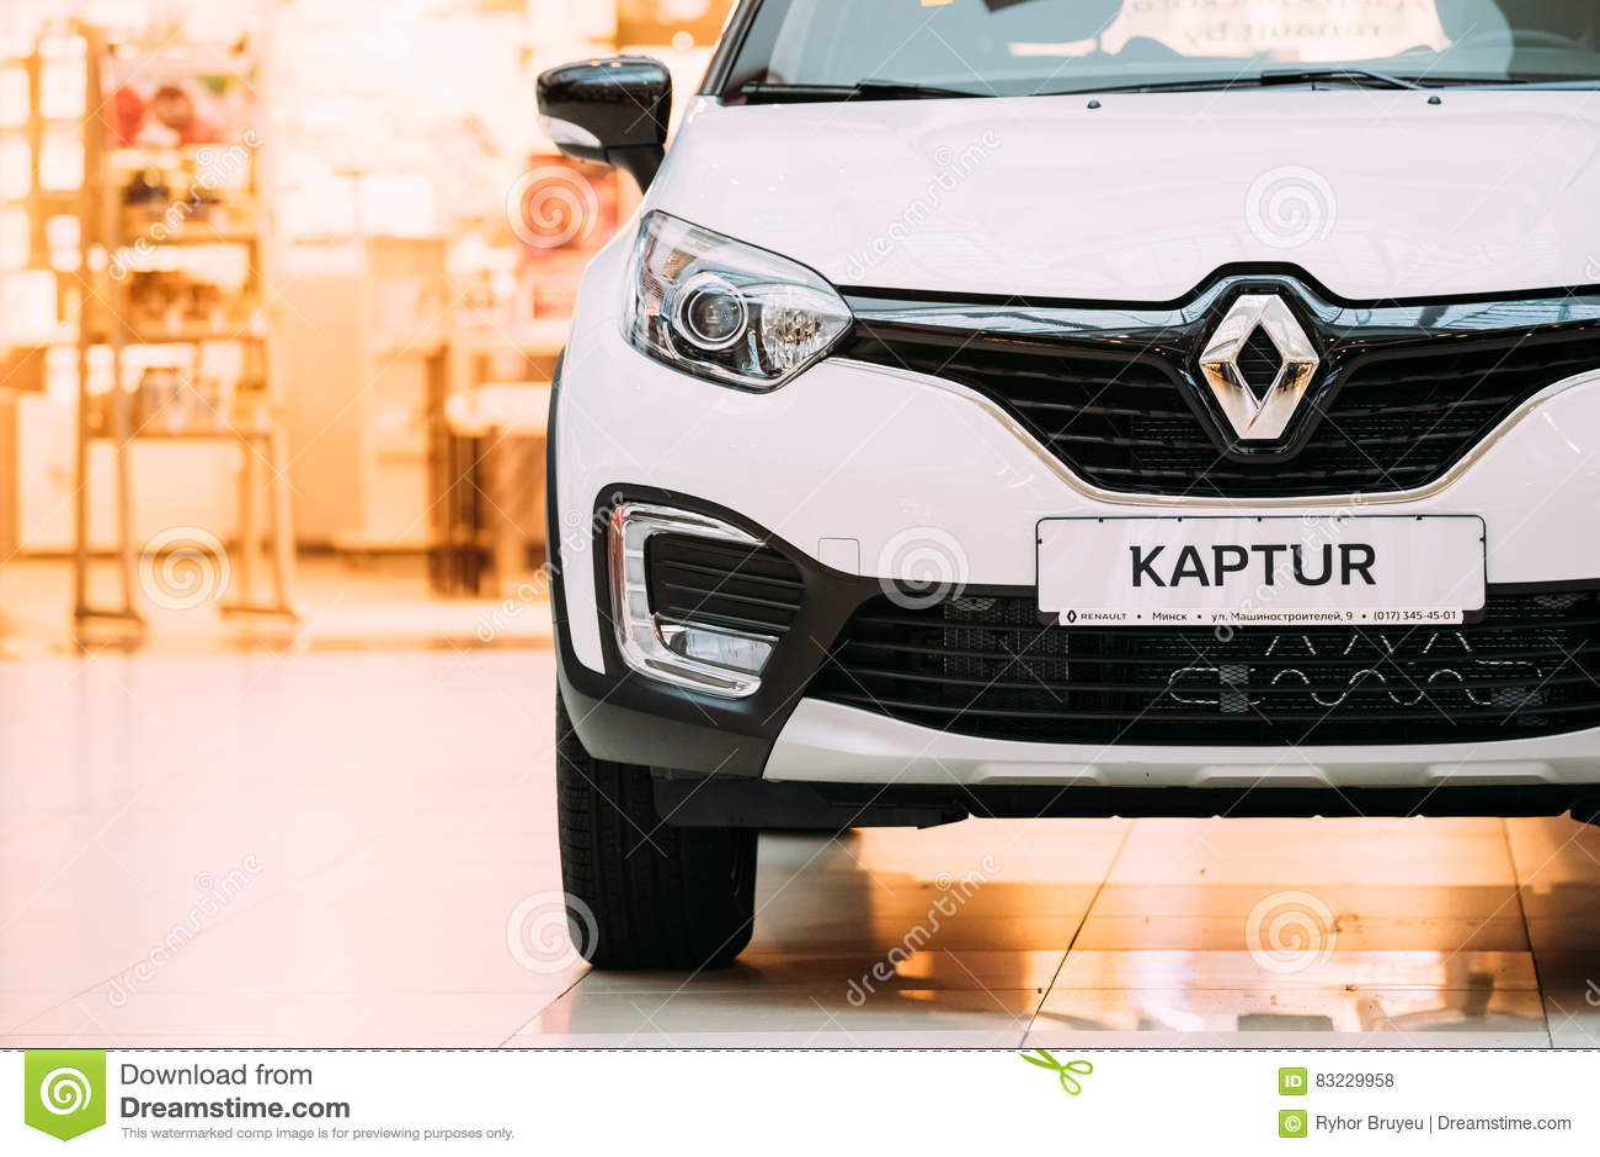 Cruce blanca del Subcompact de Renault Kaptur Car Is The del color en Pasillo